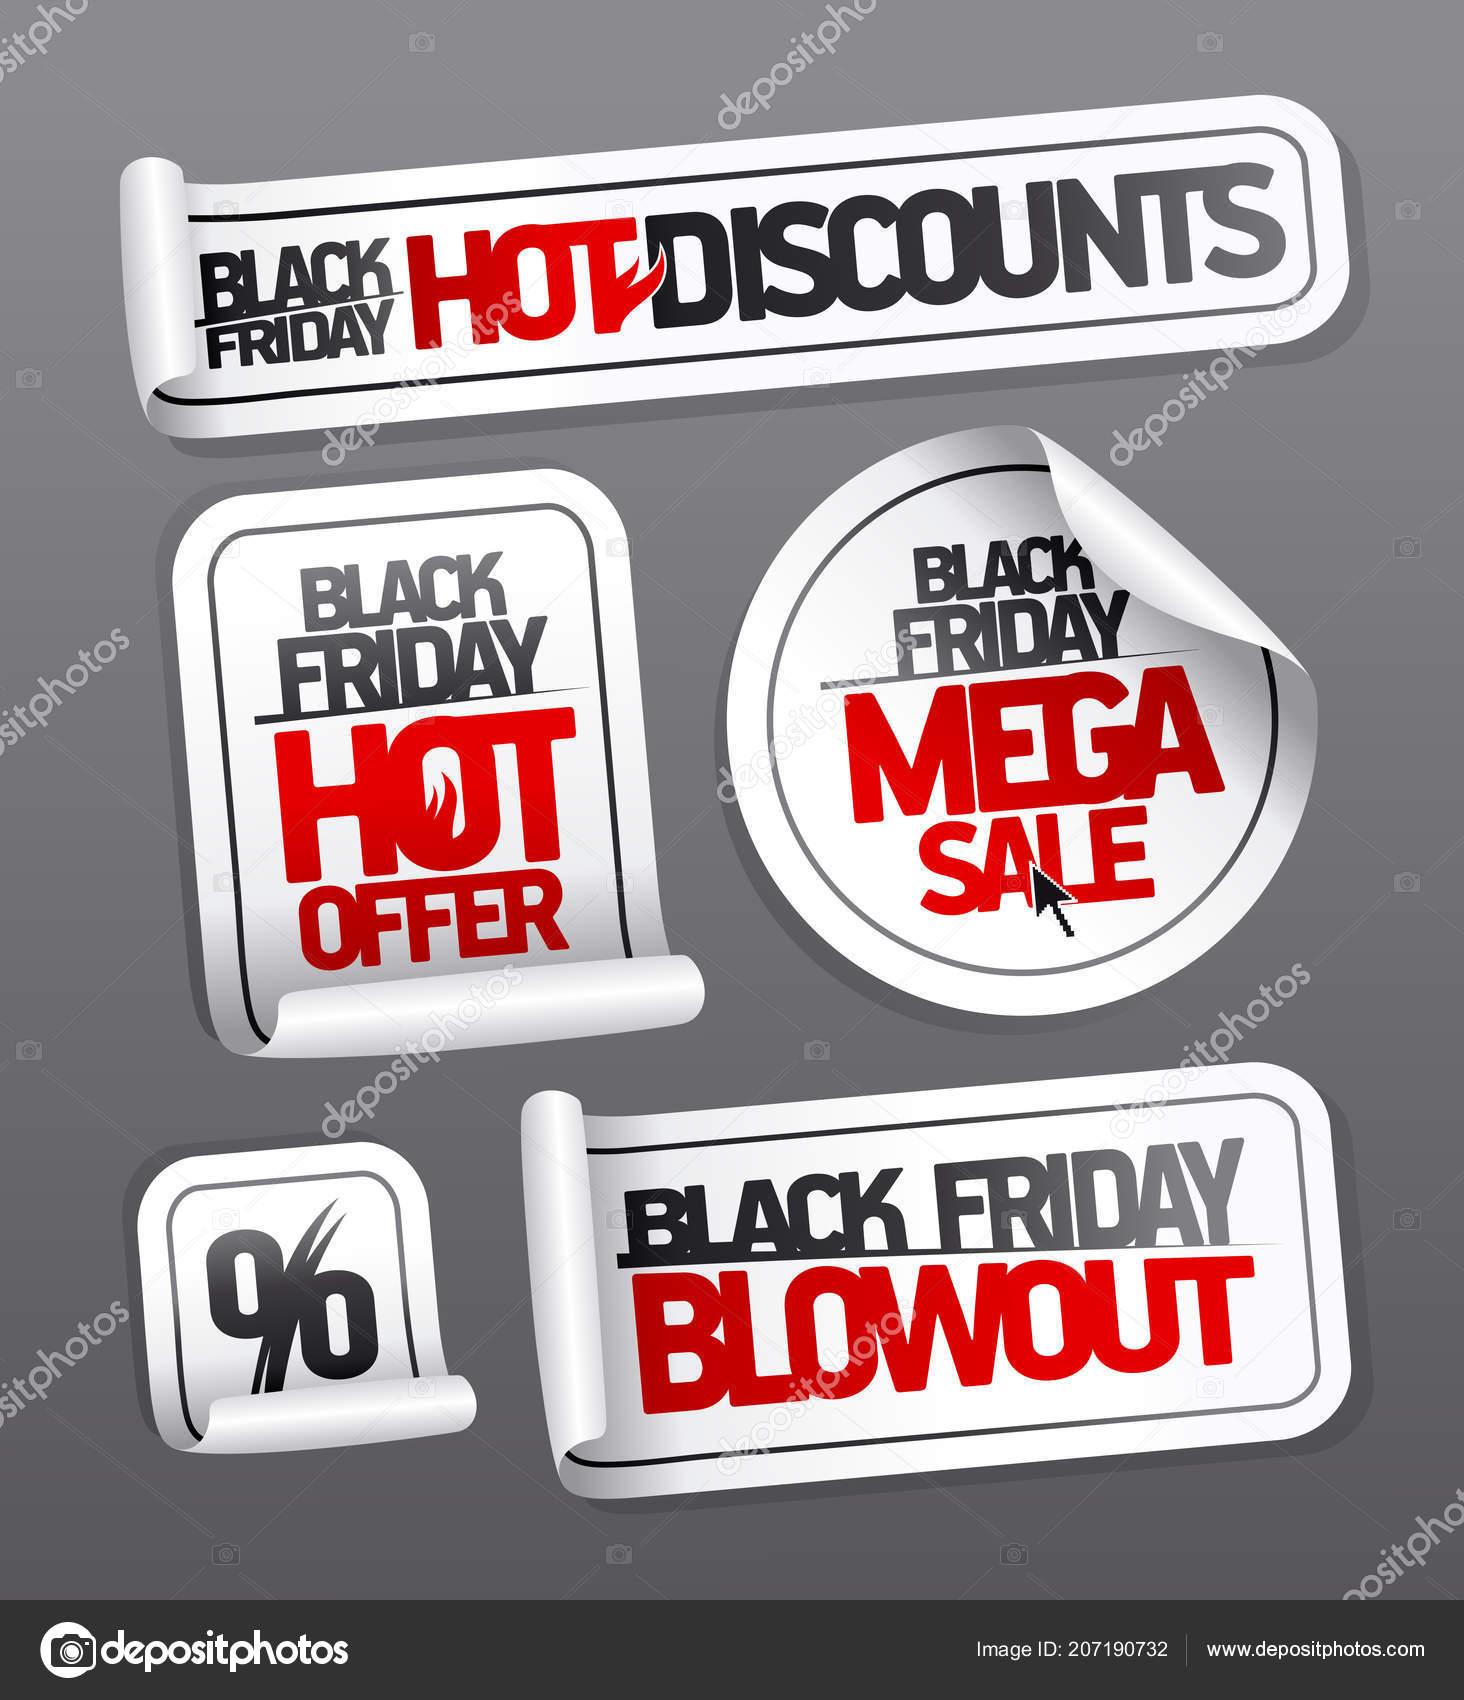 Autocollants de vente vendredi noir remises chauds méga vente noir offre chaud vendredi etc vecteur par slena